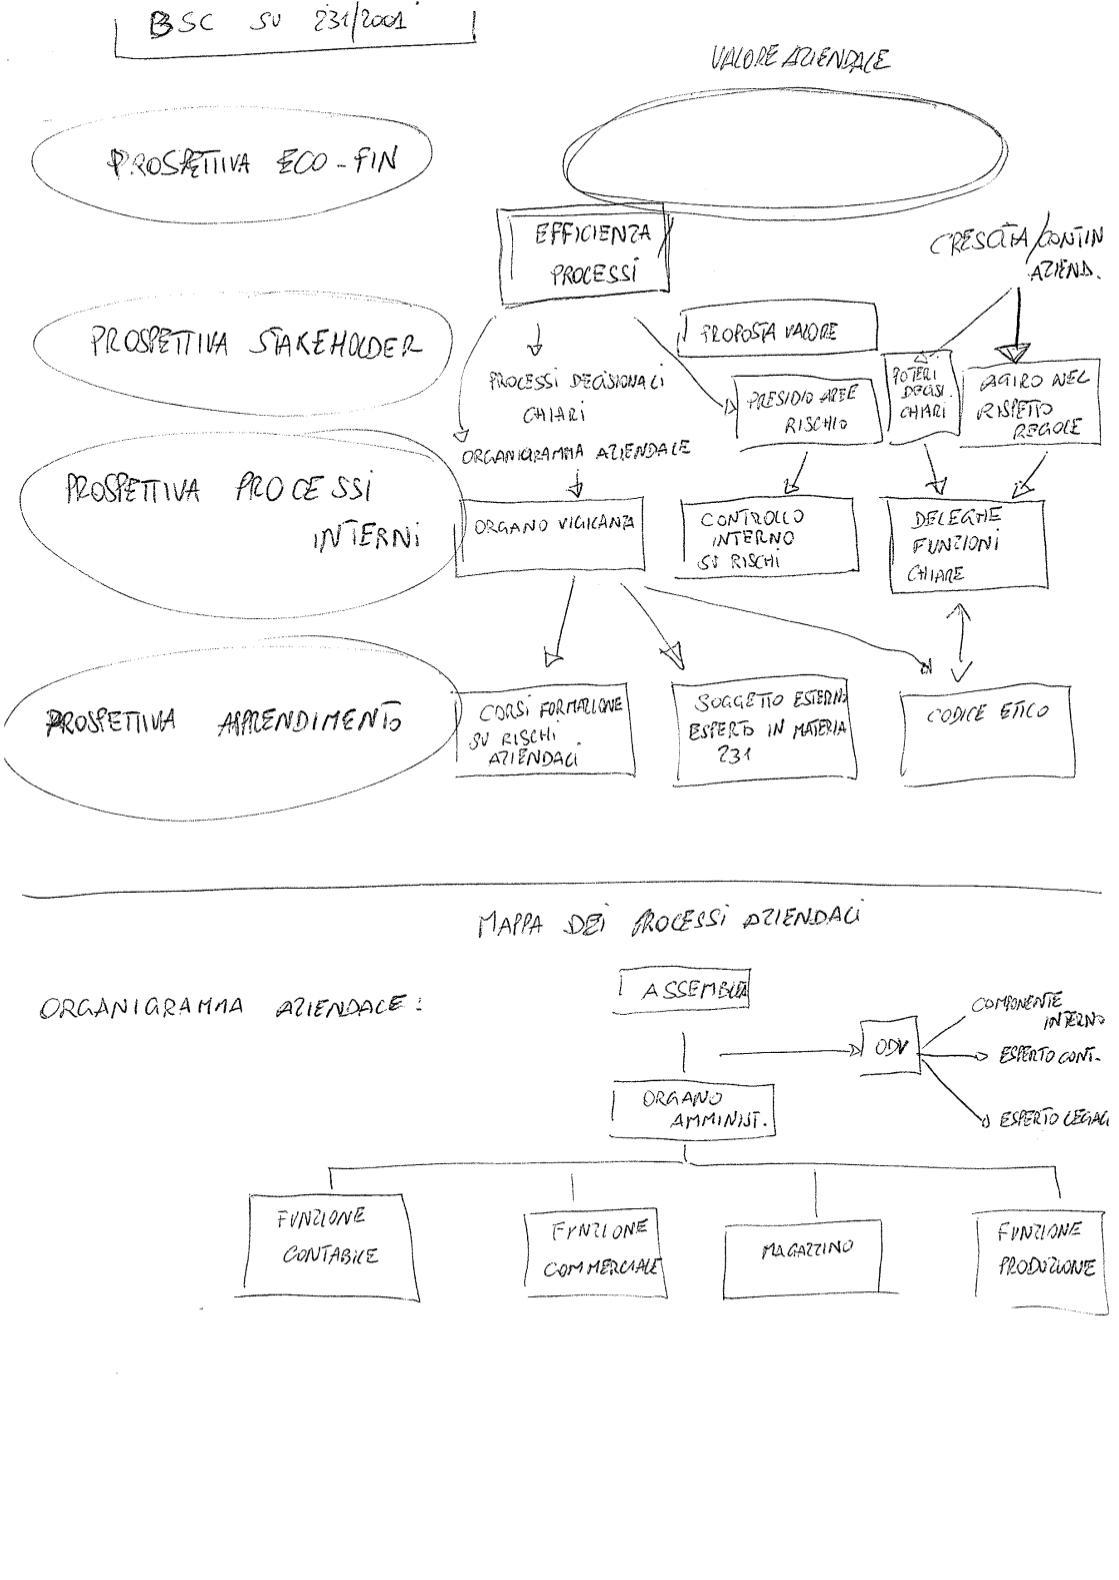 studiome - modelli organizzativi